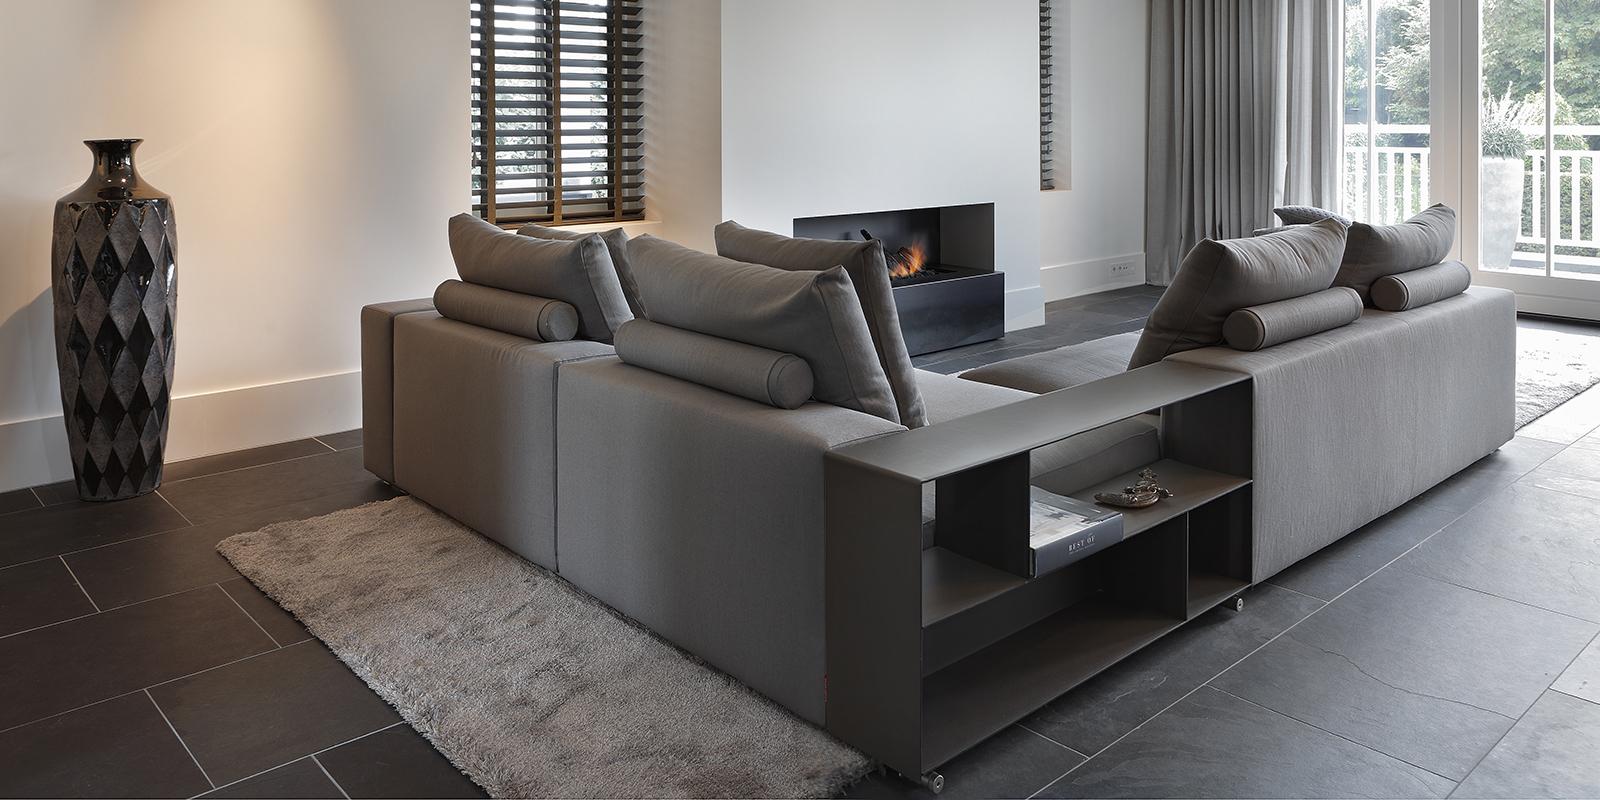 The Art of Living, Exclusief wonen, Boley, Openhaarden, Noort interieur BV, interieurdesign, interieur, design, open haard, modern, tegelvloer, kunst, ramen, shutters